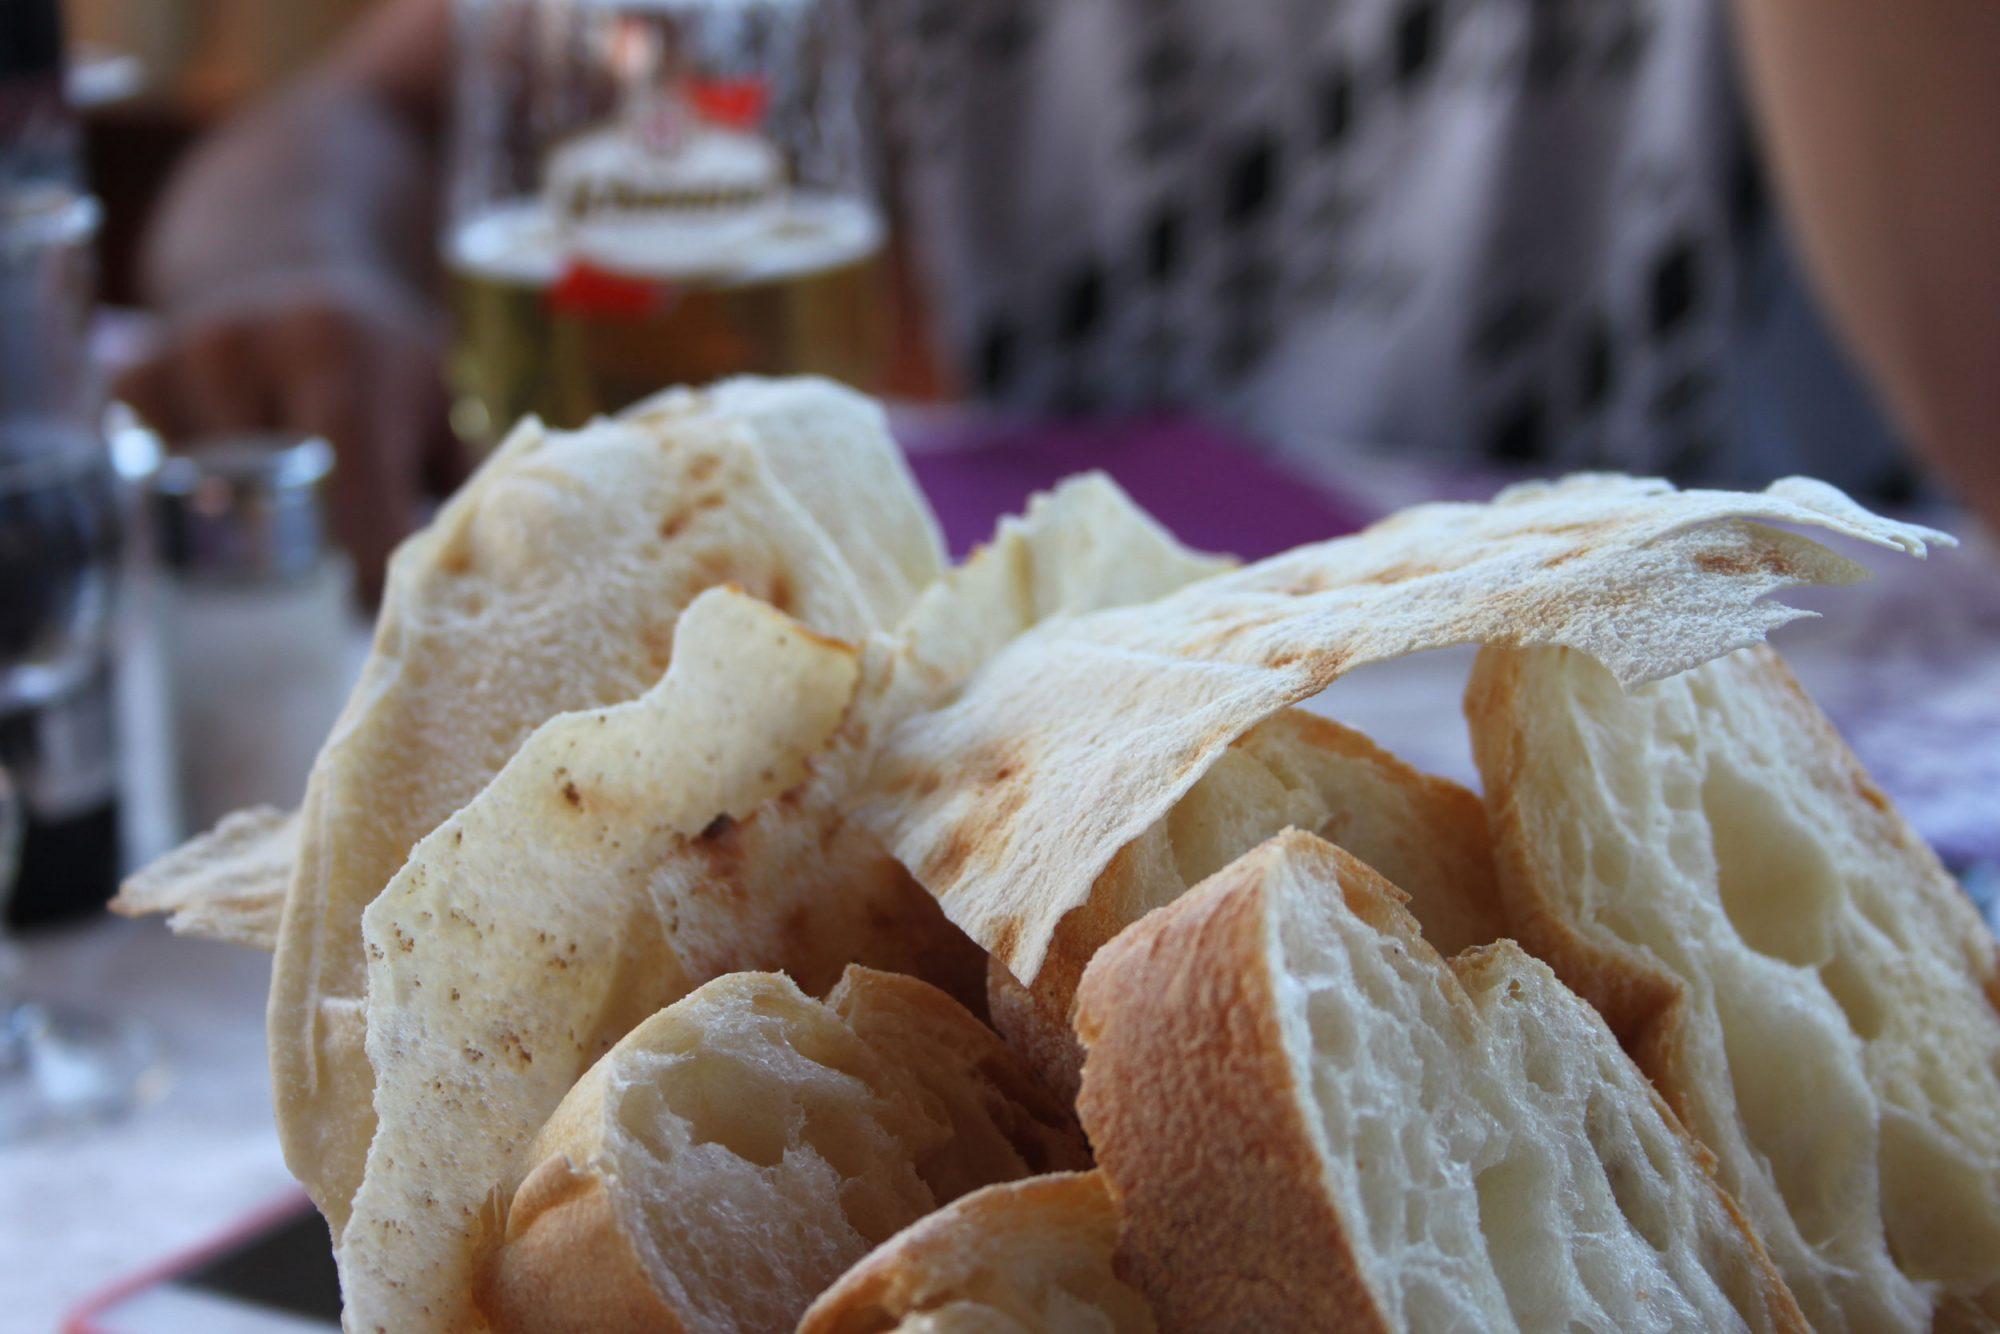 EC: The Simplest Italian Breakfast Is Breadcrumbs in Coffee